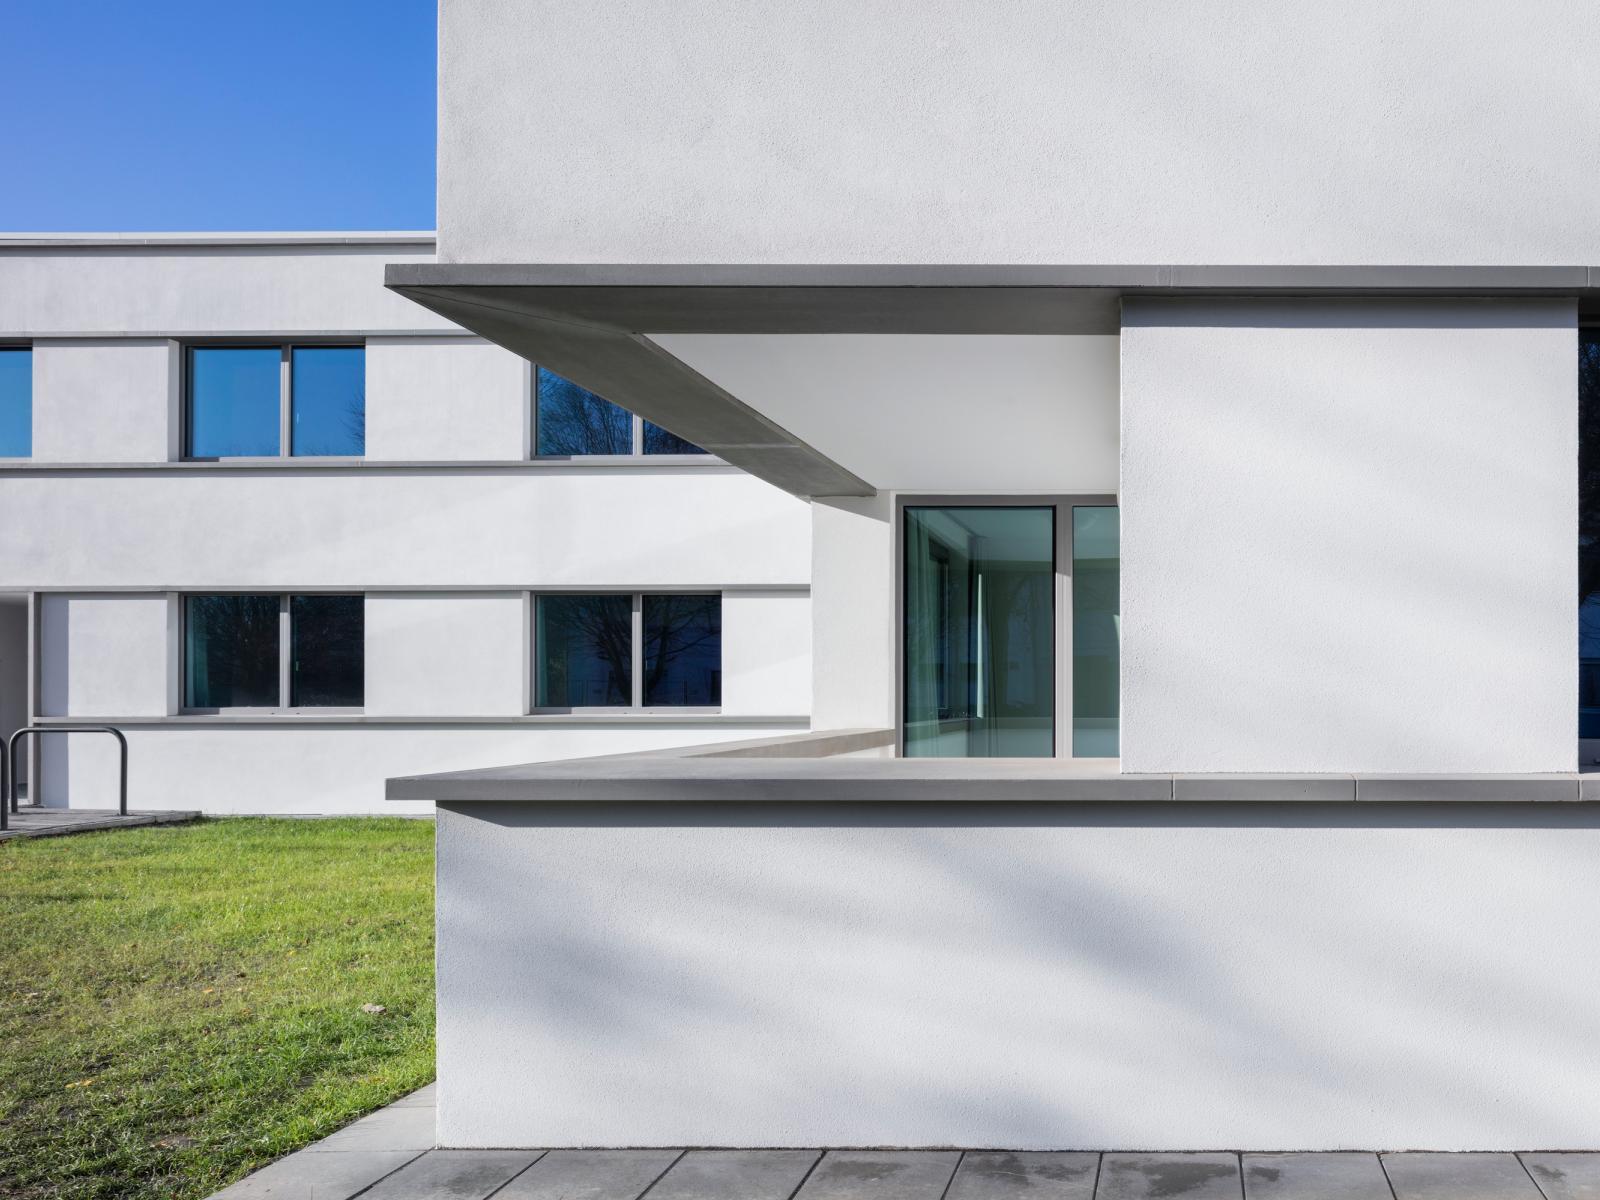 Übergangswohnheime Köln Fassadendetail